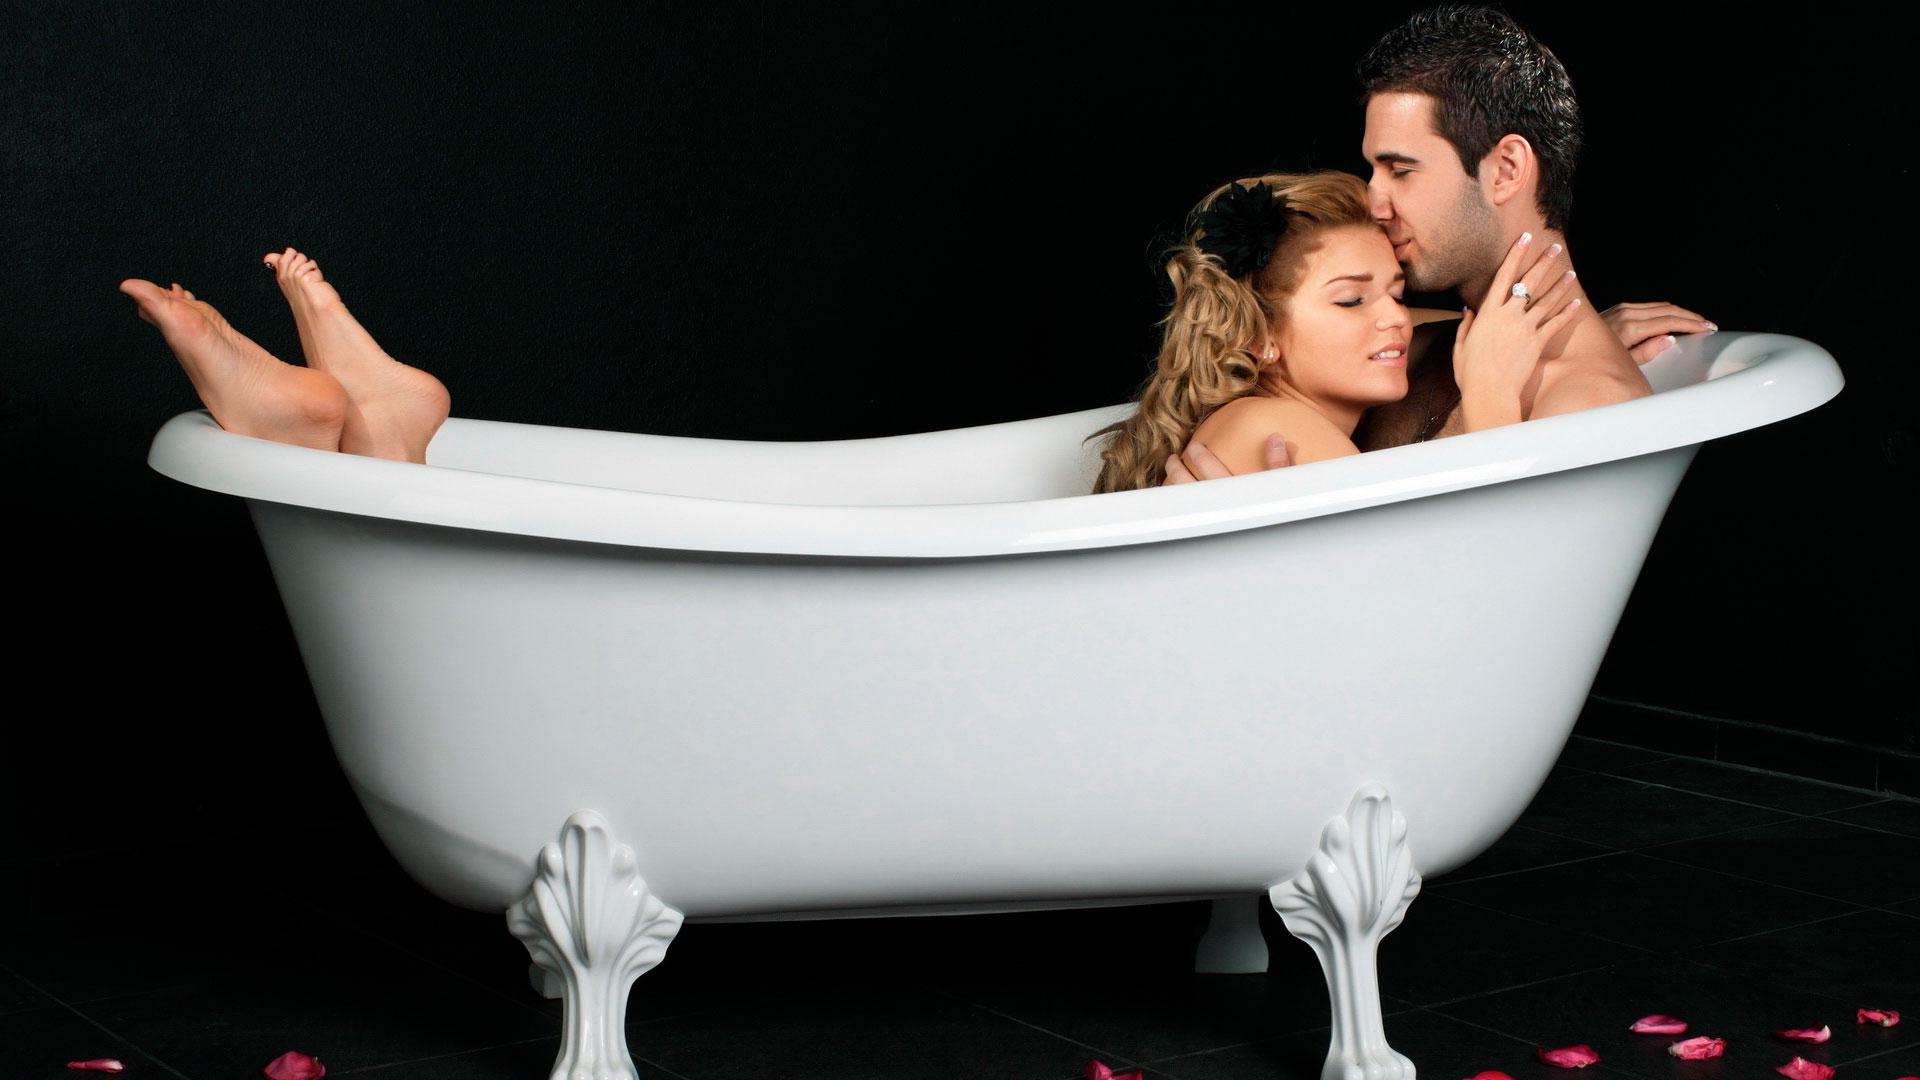 Фото пар в ванной 5 фотография